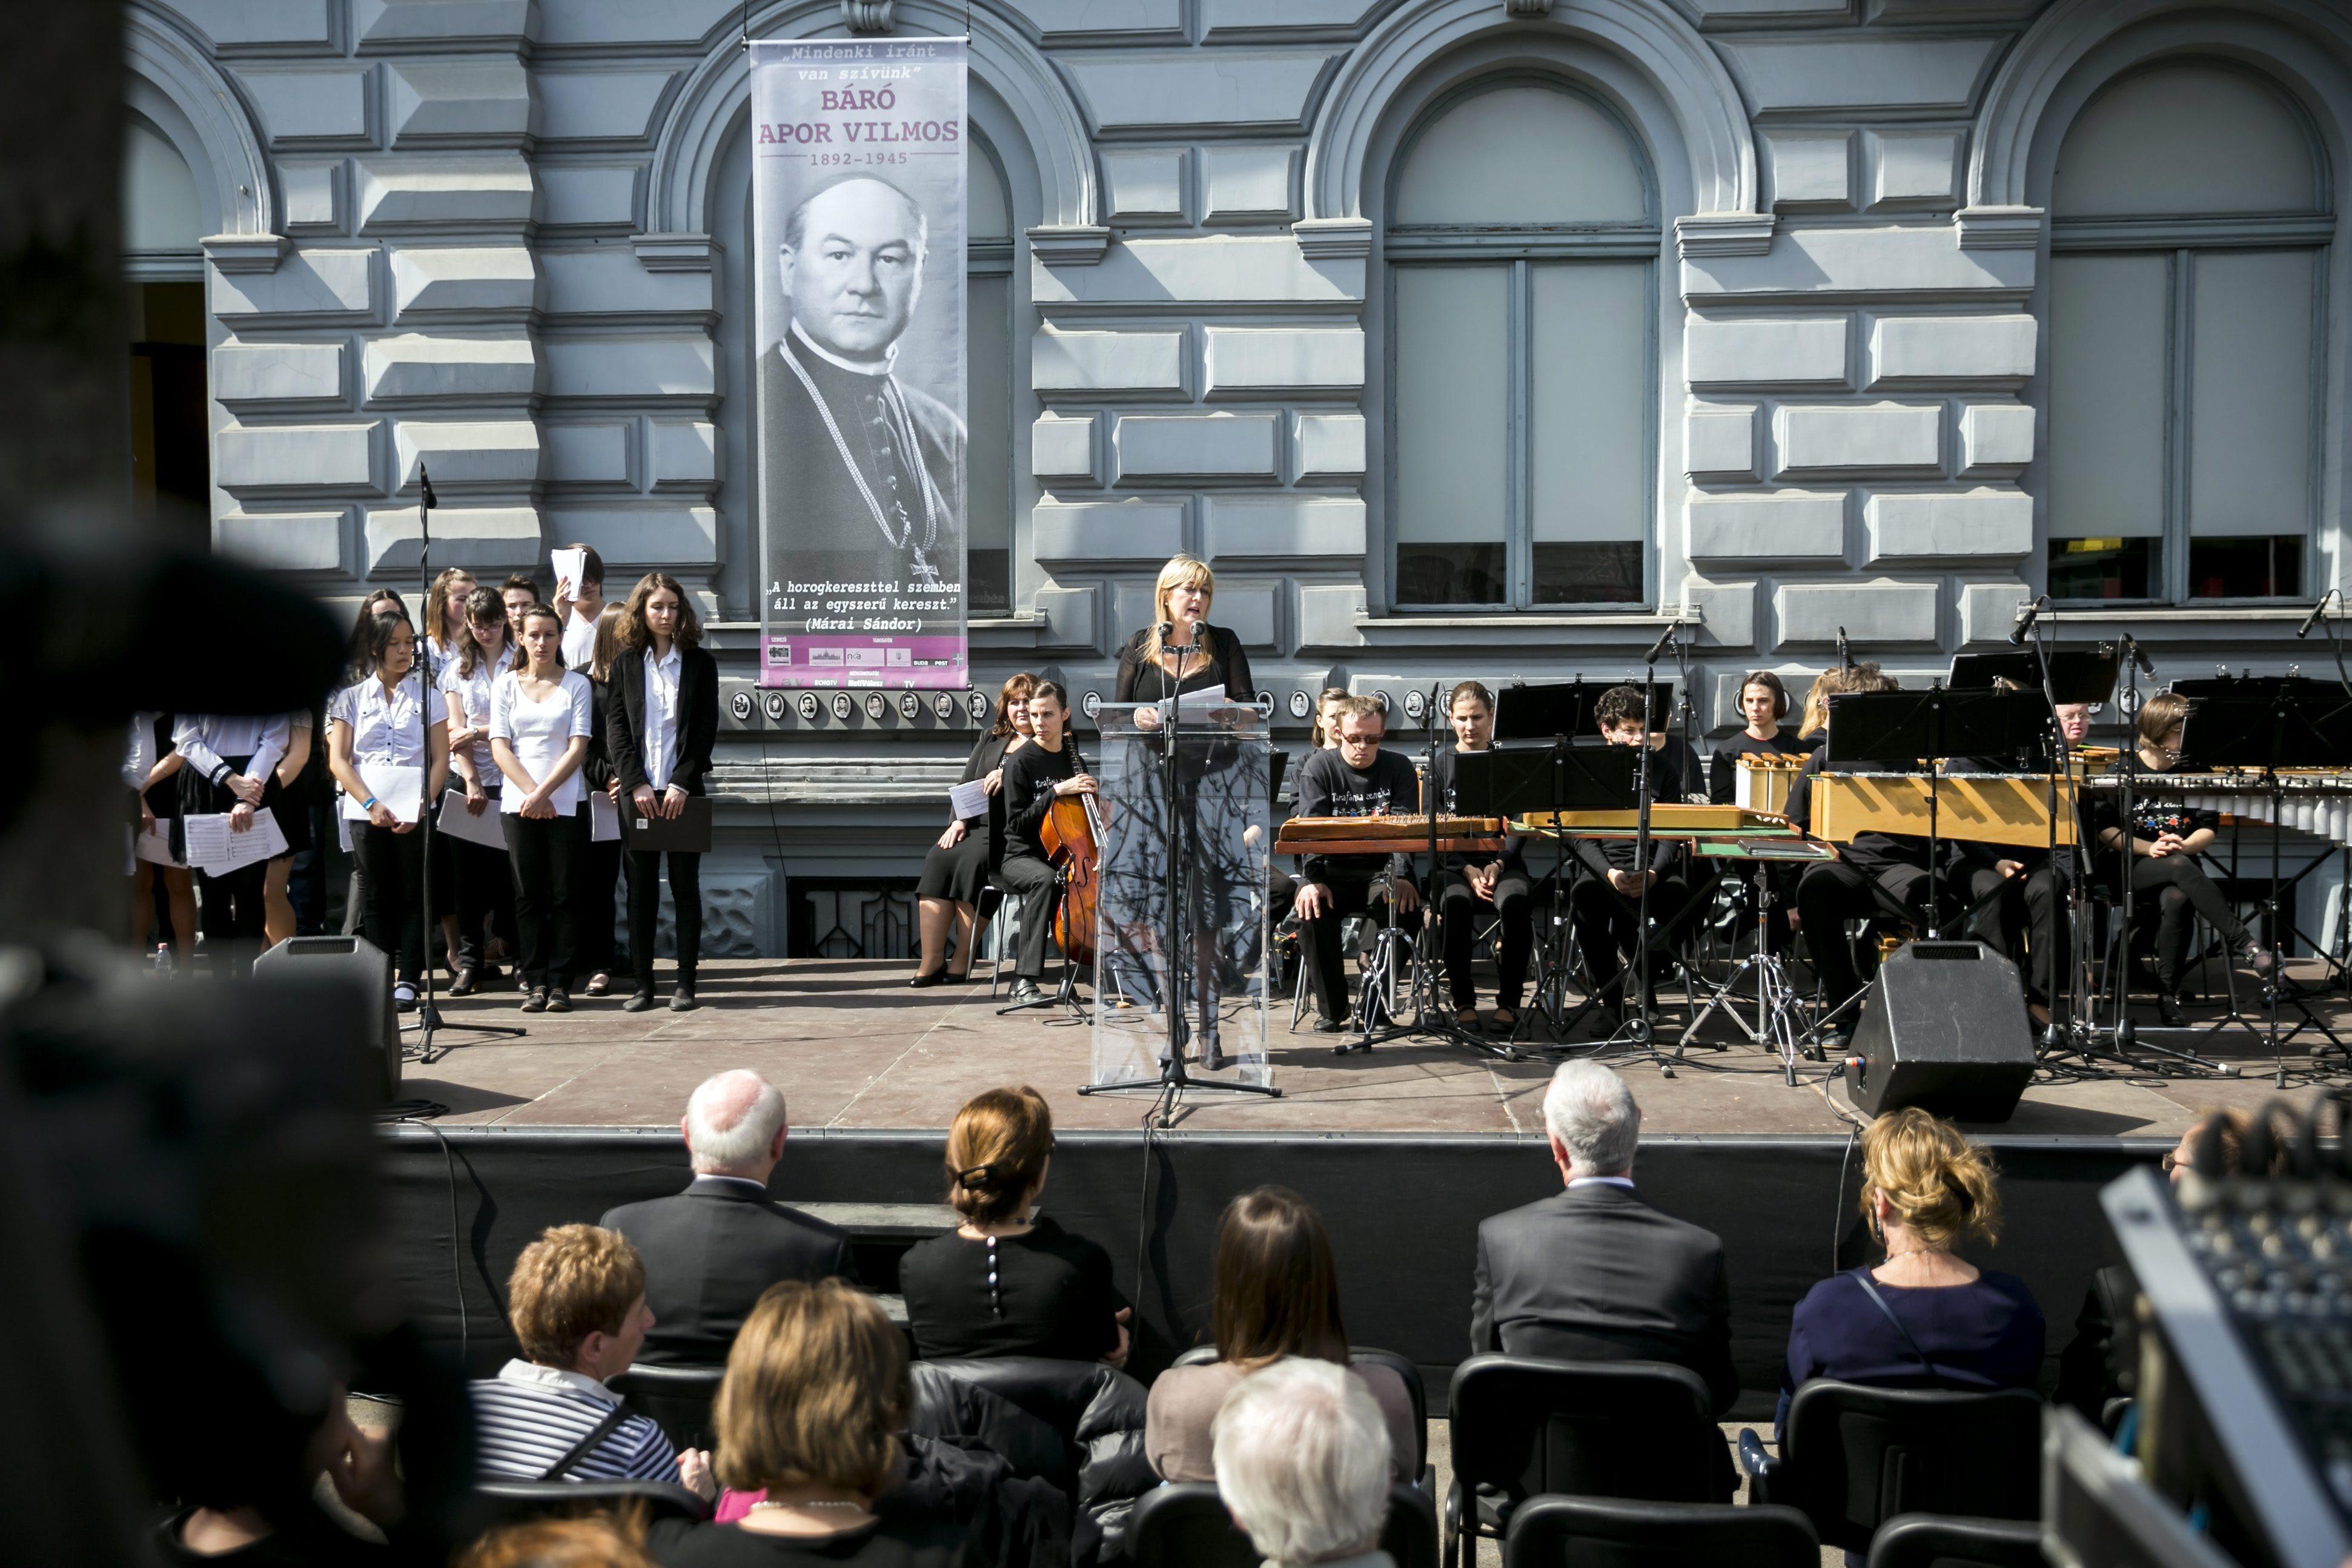 Holokauszt-emléknap – Balog Zoltán: gyűlöletből nem lehet országot építeni